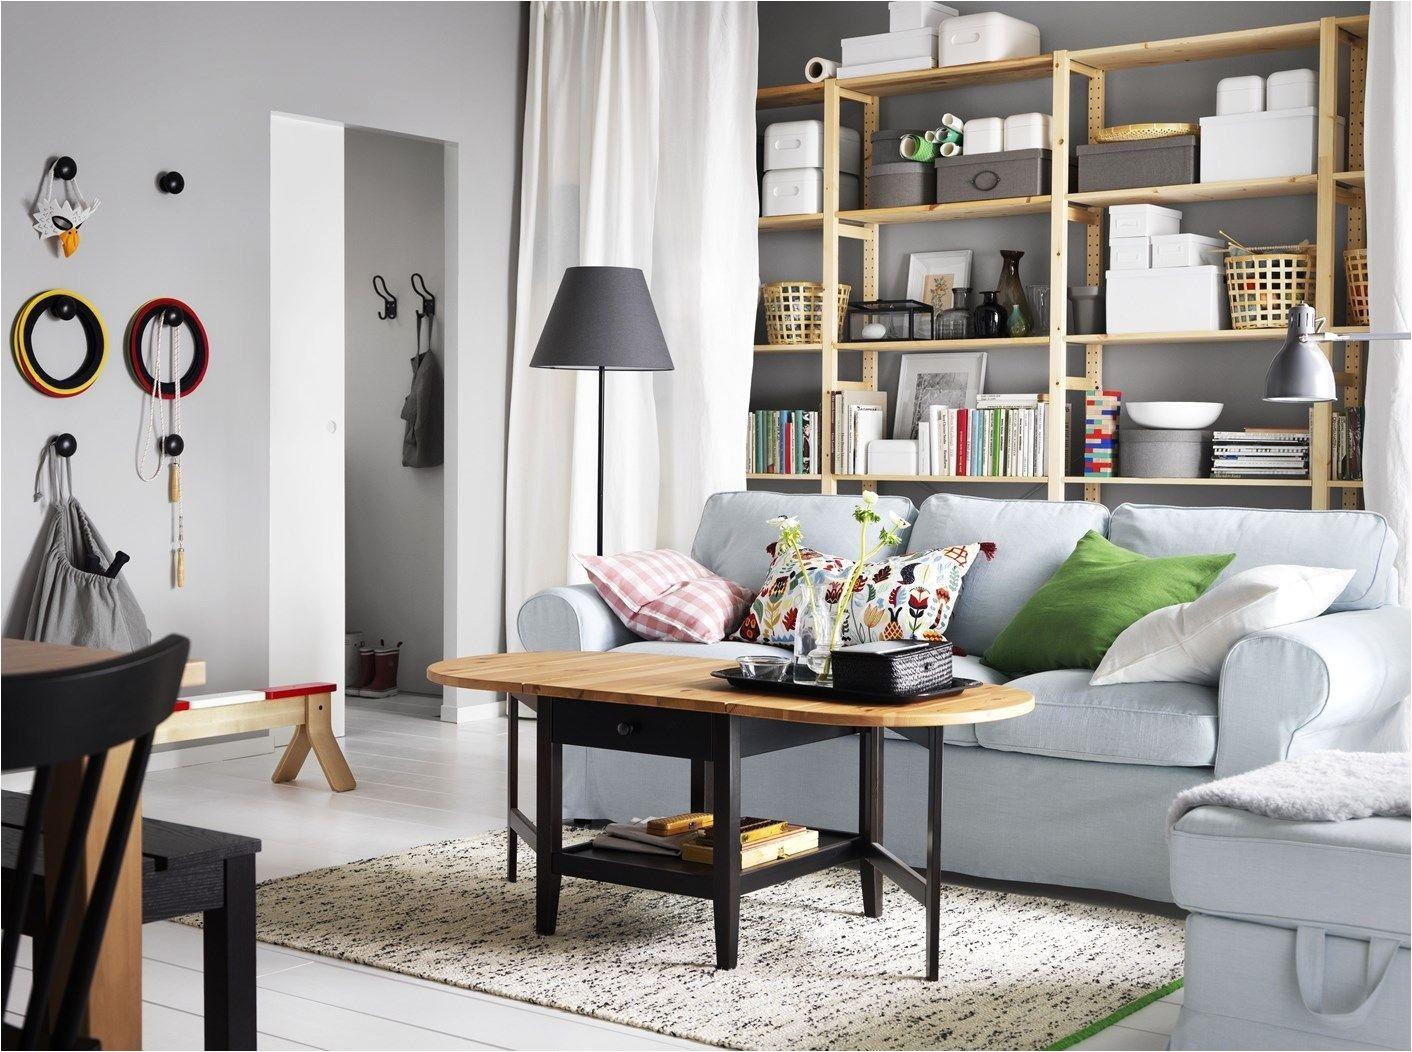 Ikea Table De Cuisine De Carino Salon Ikea Xxl Bilder Genial Big sofa Led Zdj Cie